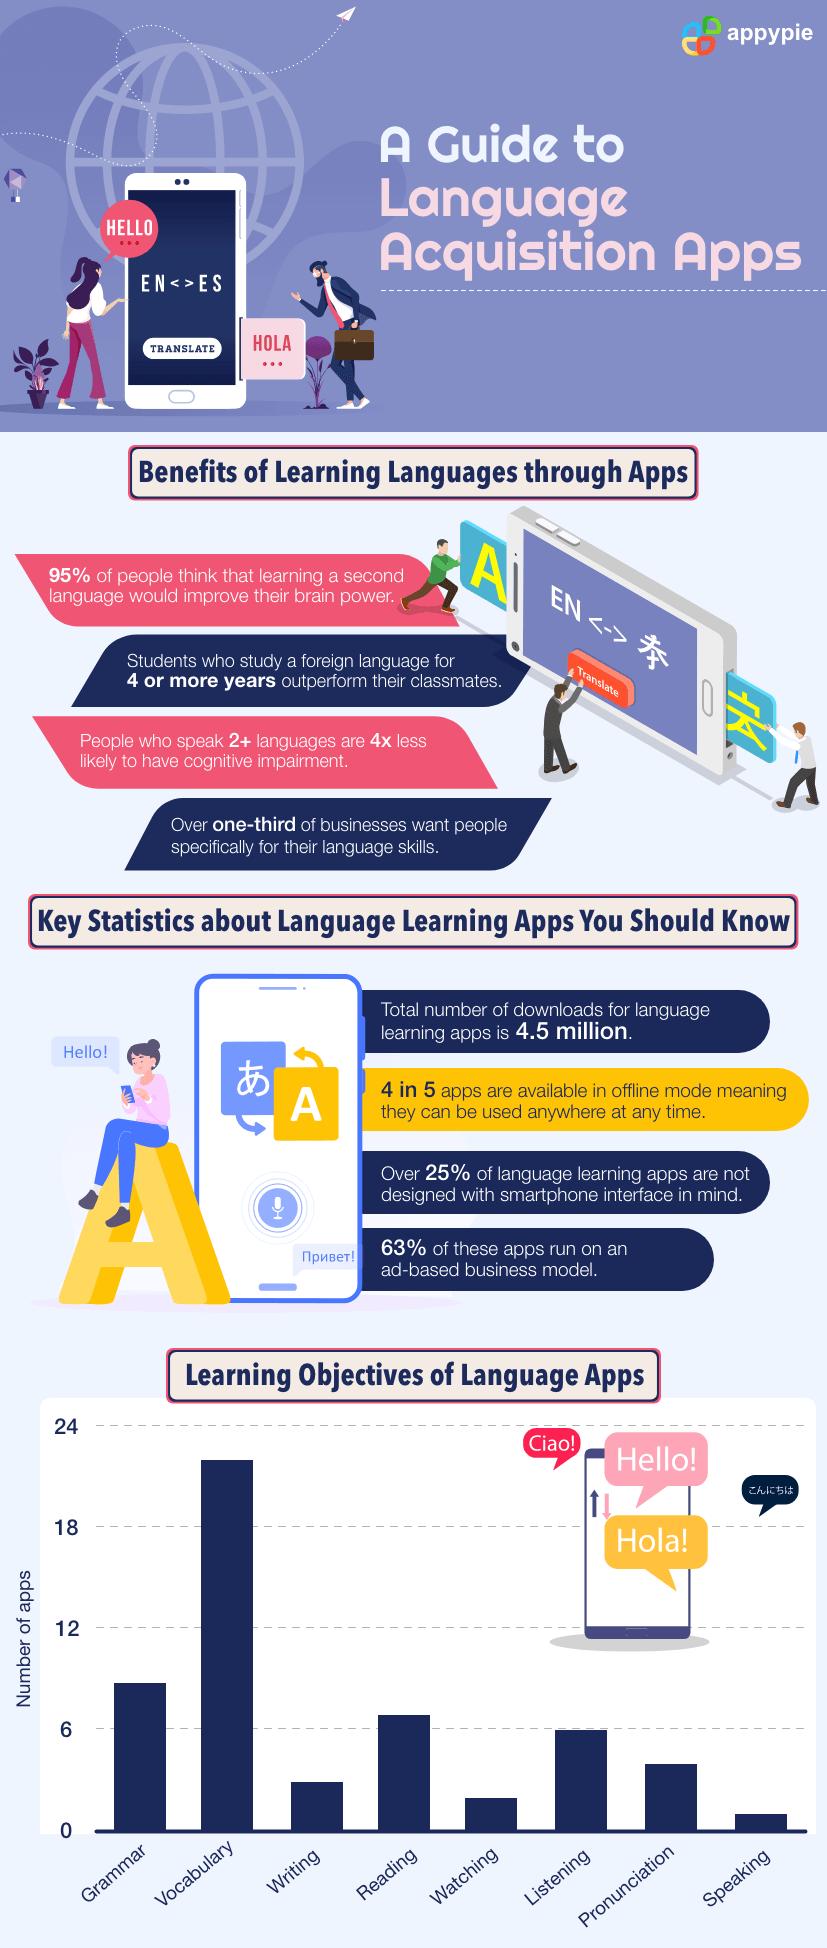 LanguageAcquisition Apps Appy Pie